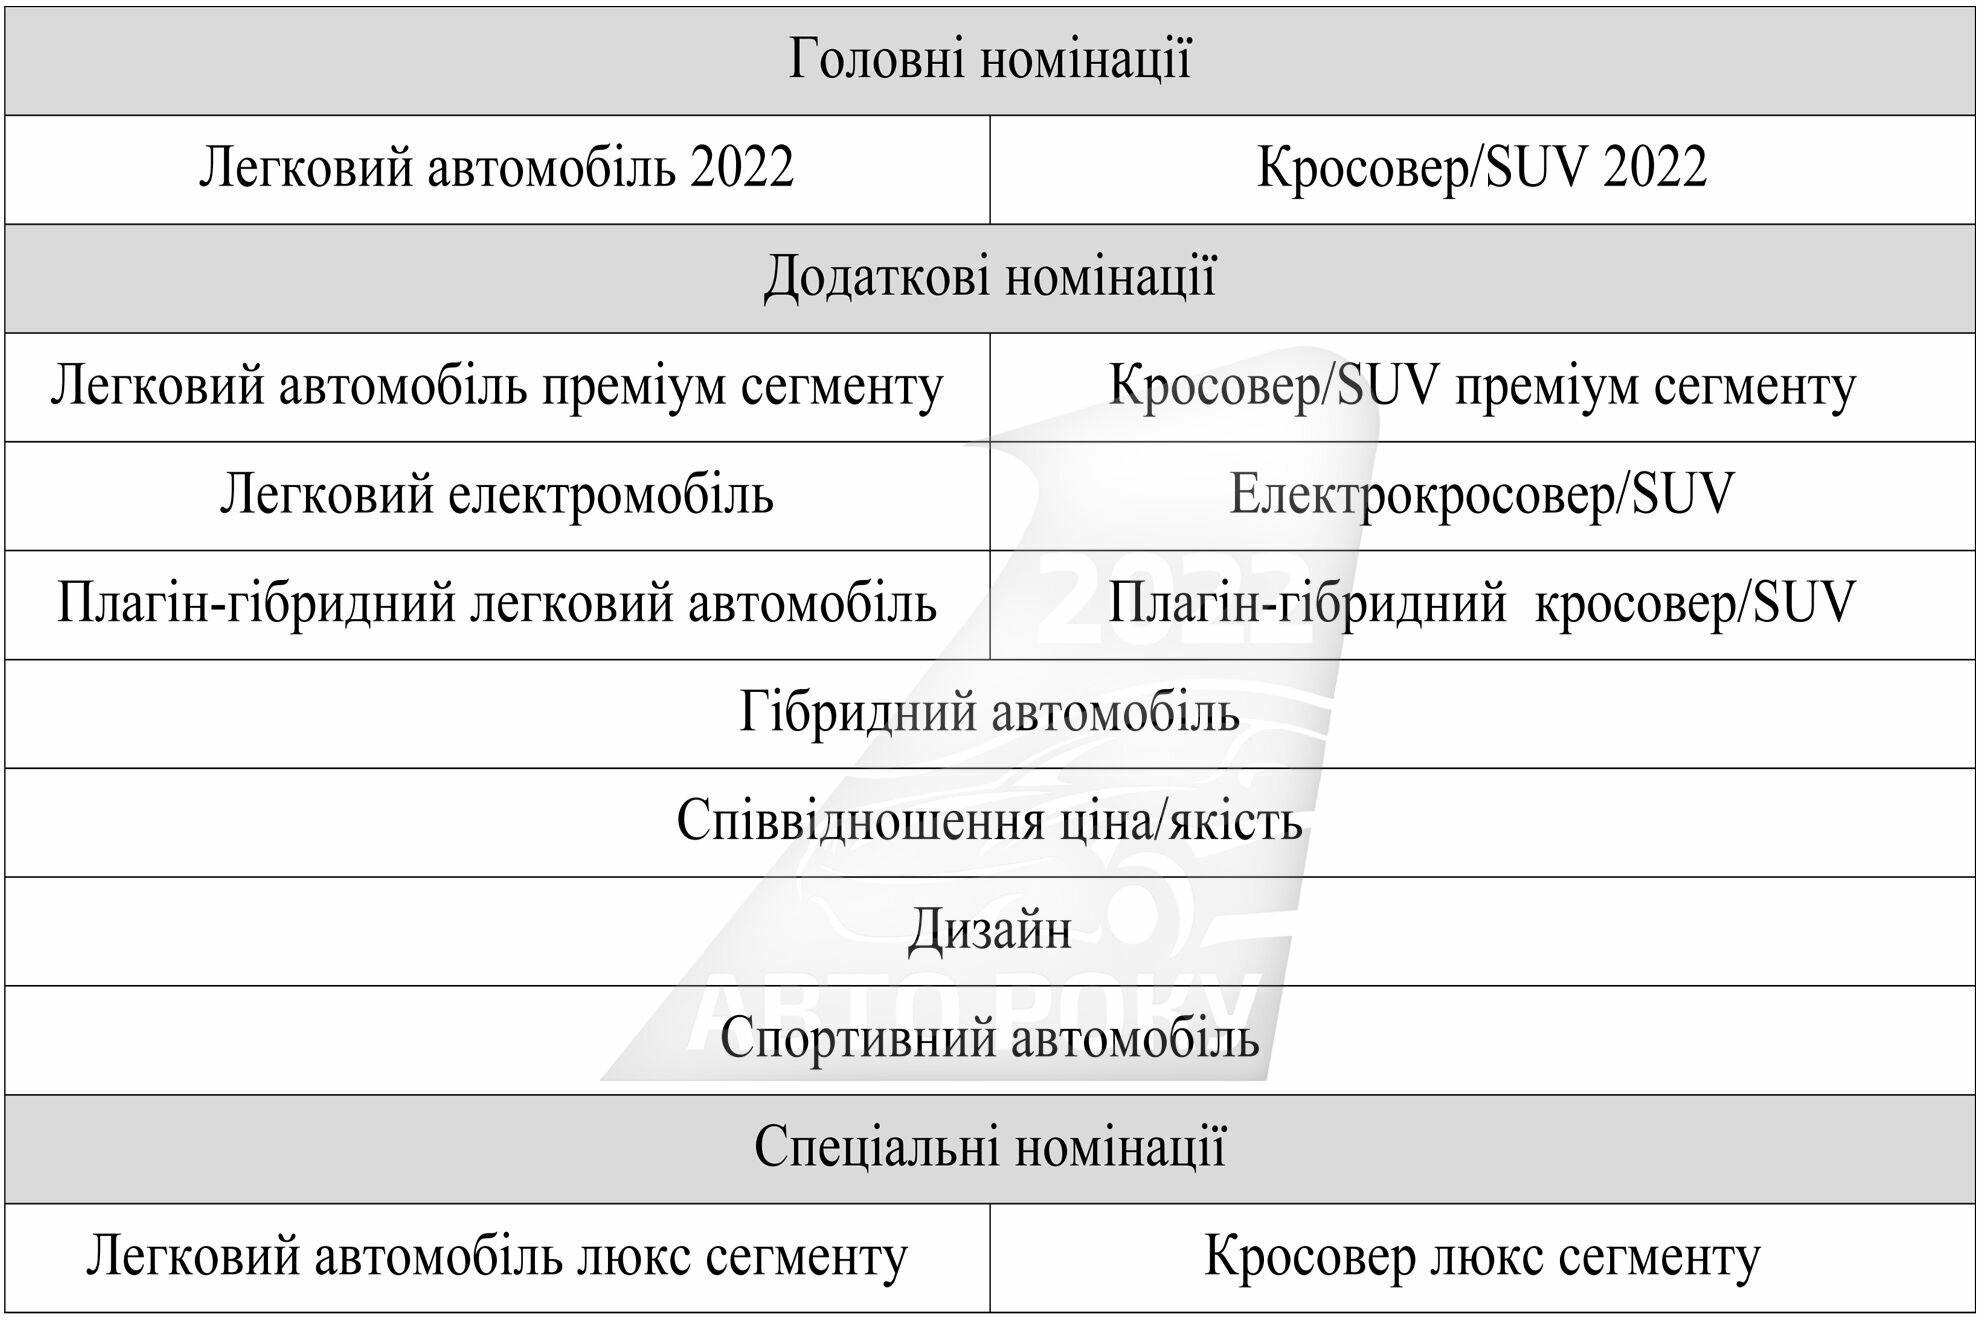 Головні та додаткові номінації акції 2022 року